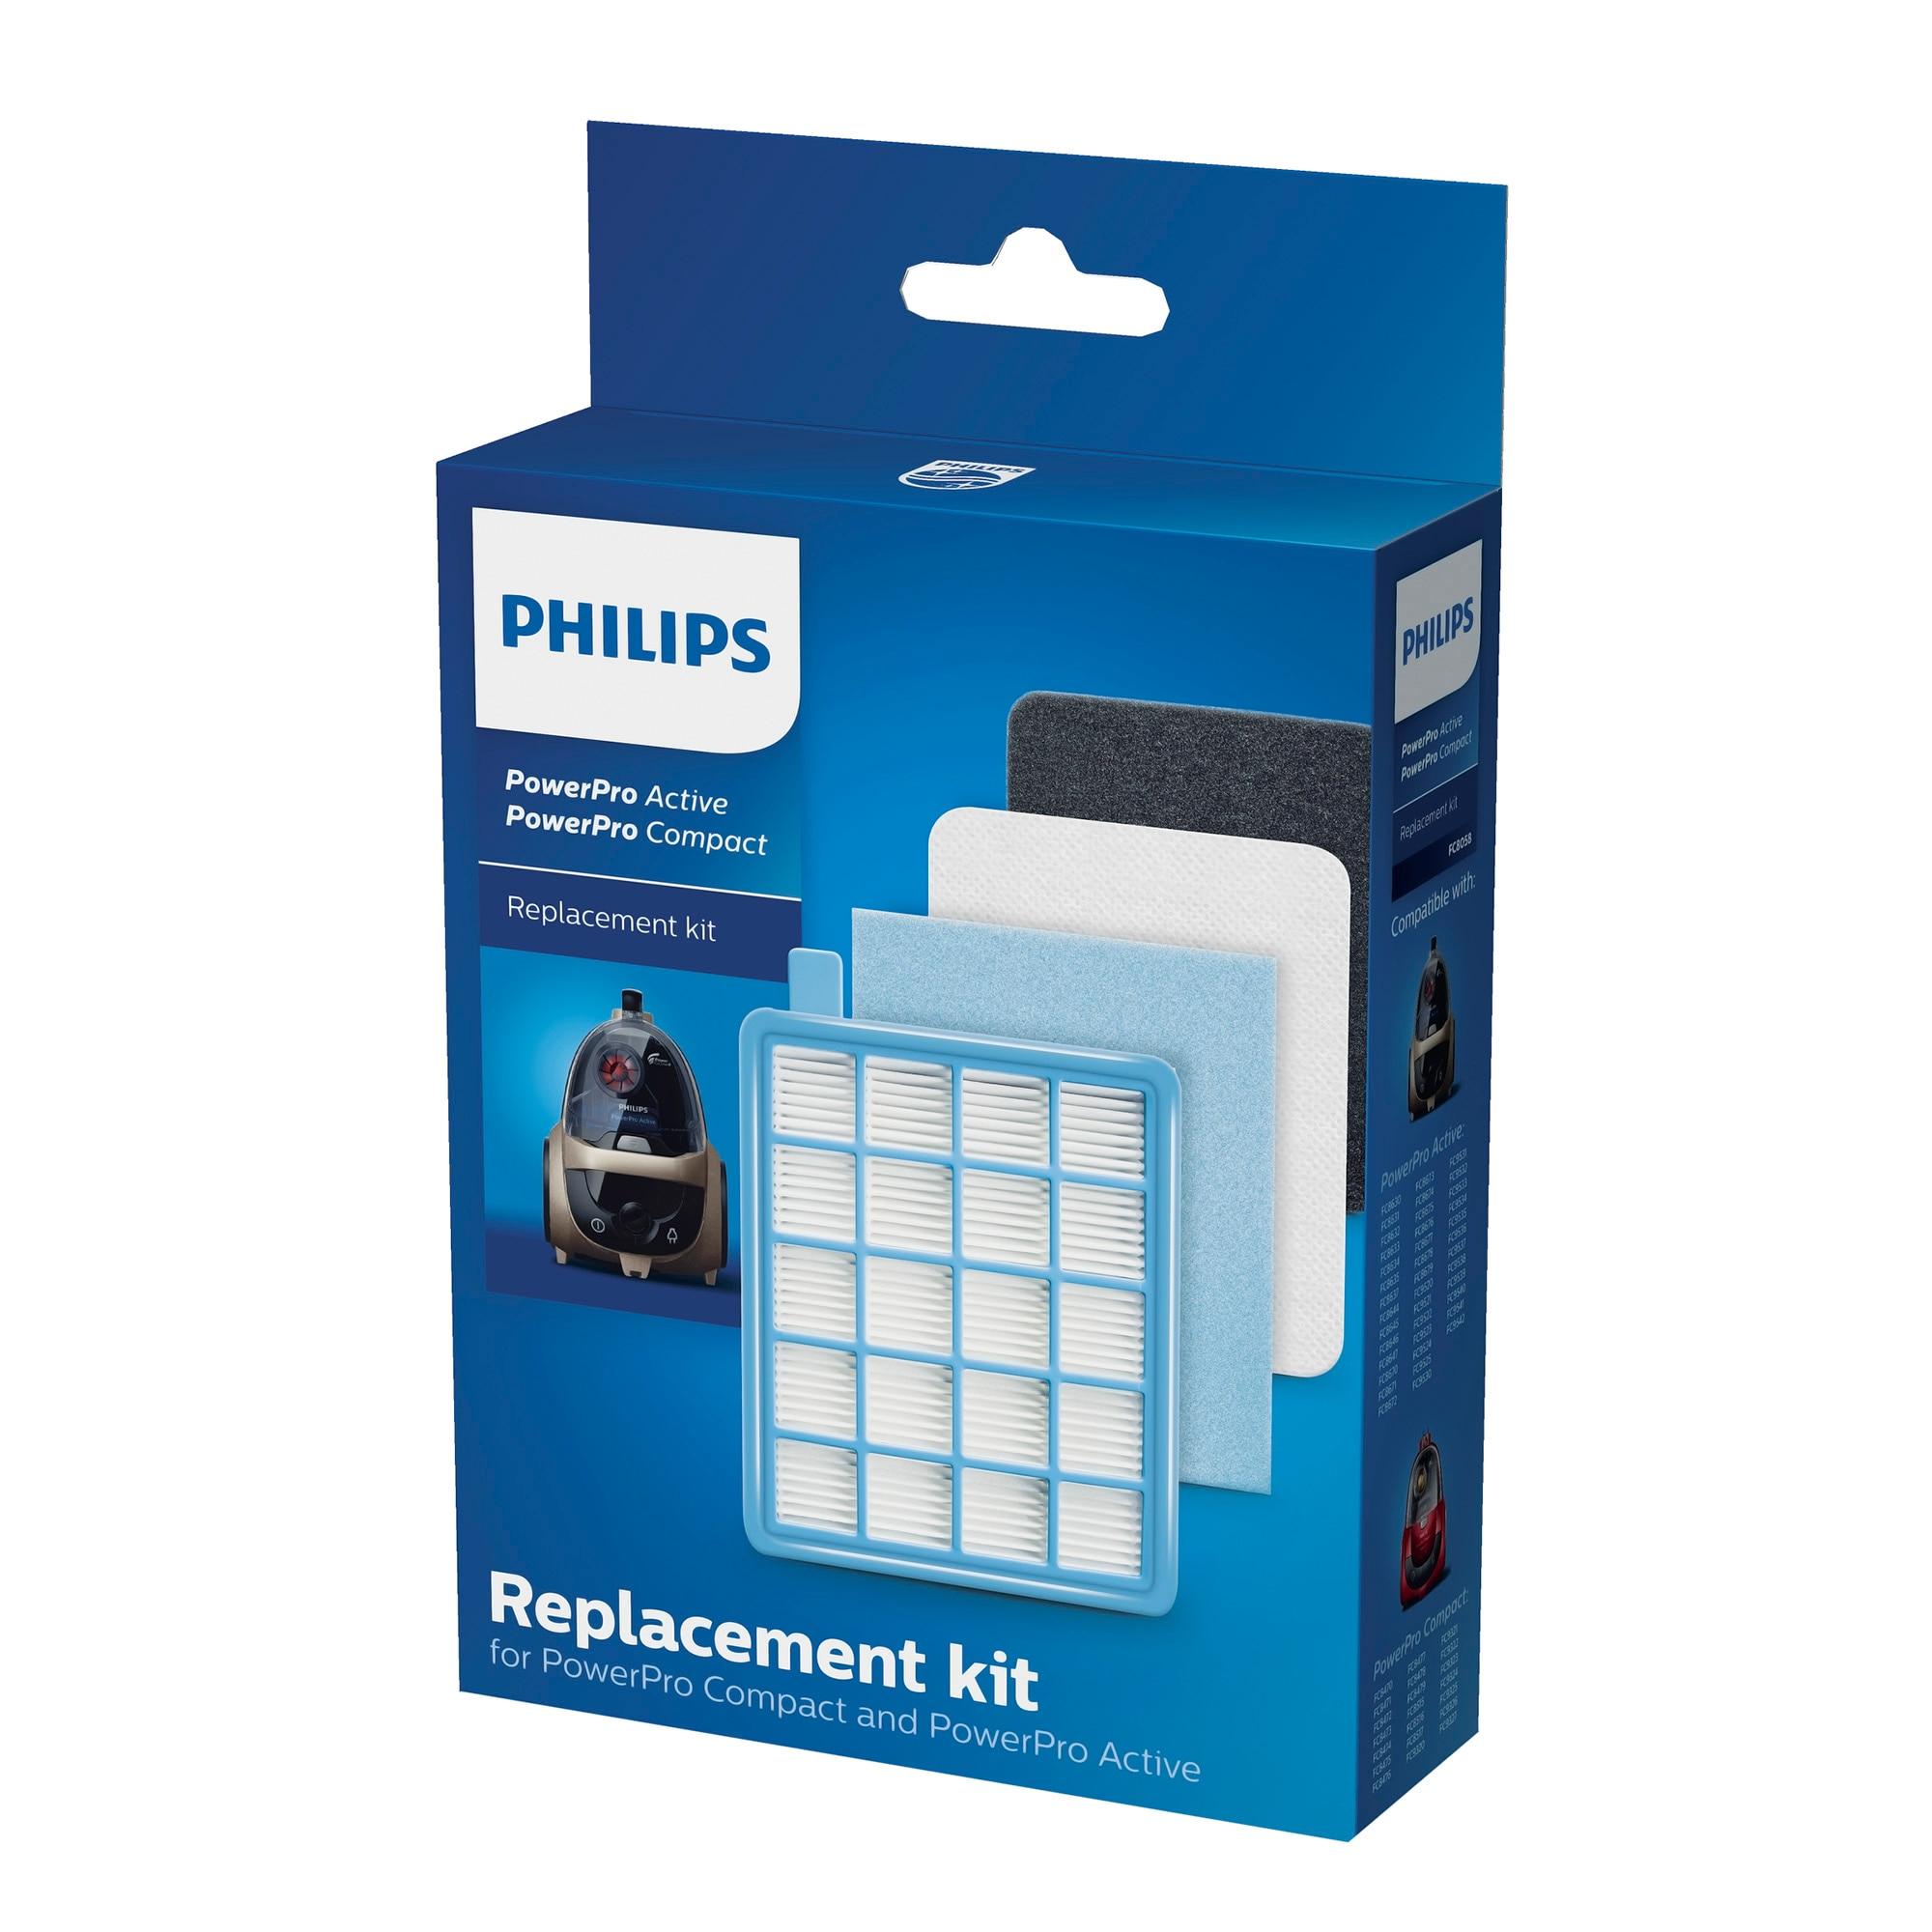 Fotografie Kit de schimb Philips FC8058/01 pentru PowerPro Compact şi Active, 1 filtru HEPA 10, 1 filtru de admisie, 2 filtre de evacuare din burete